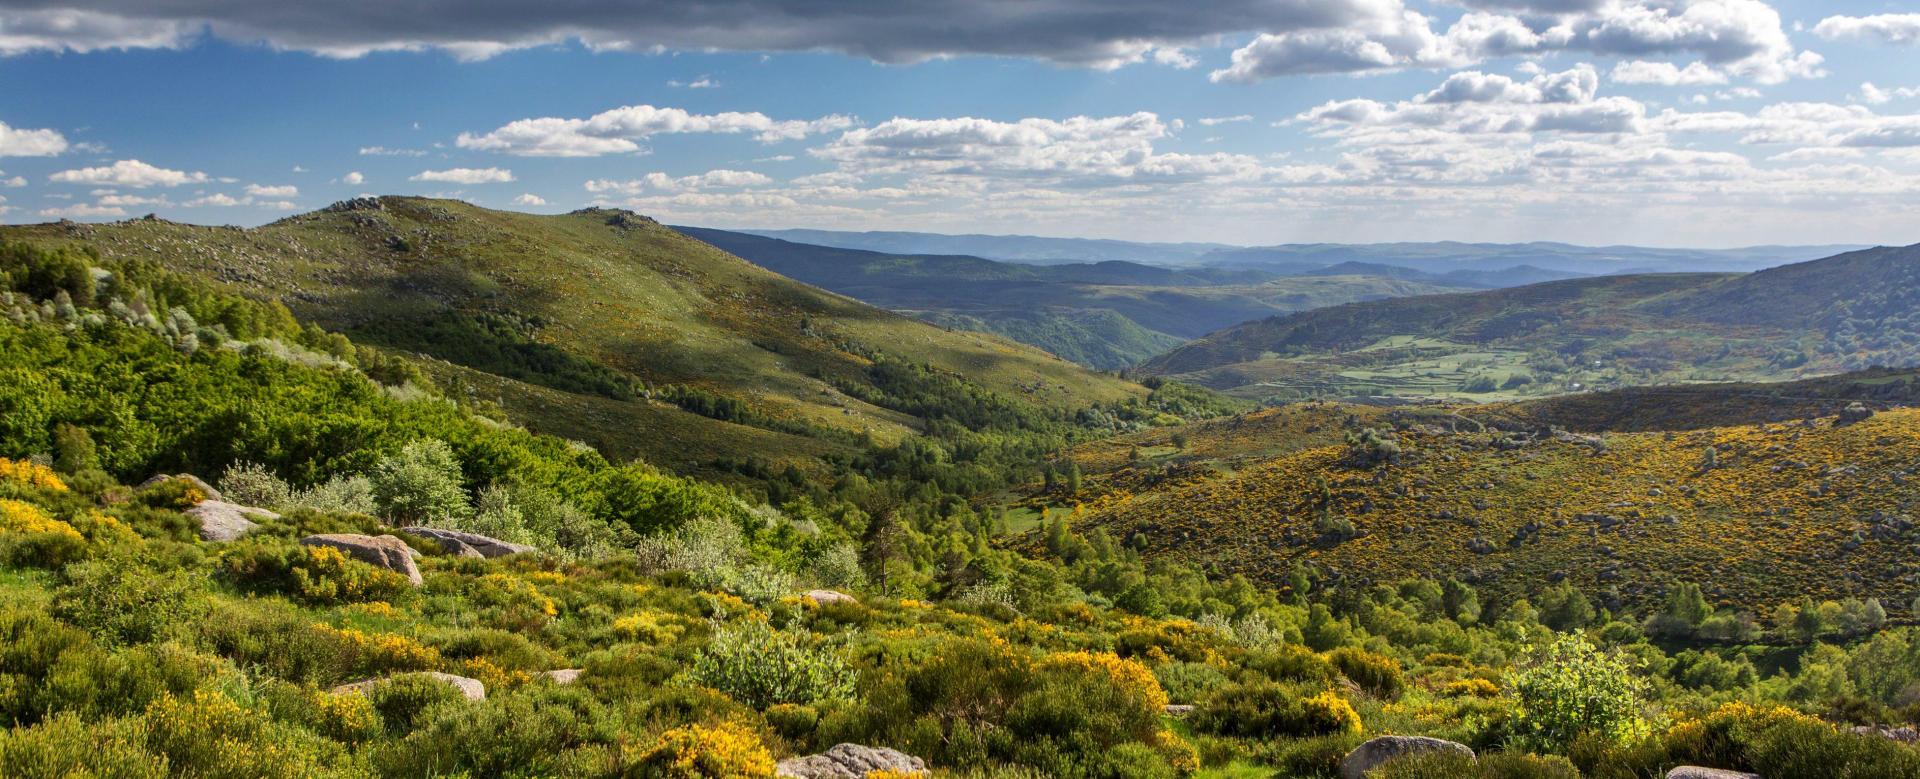 Voyage à pied France : Le trail de stevenson